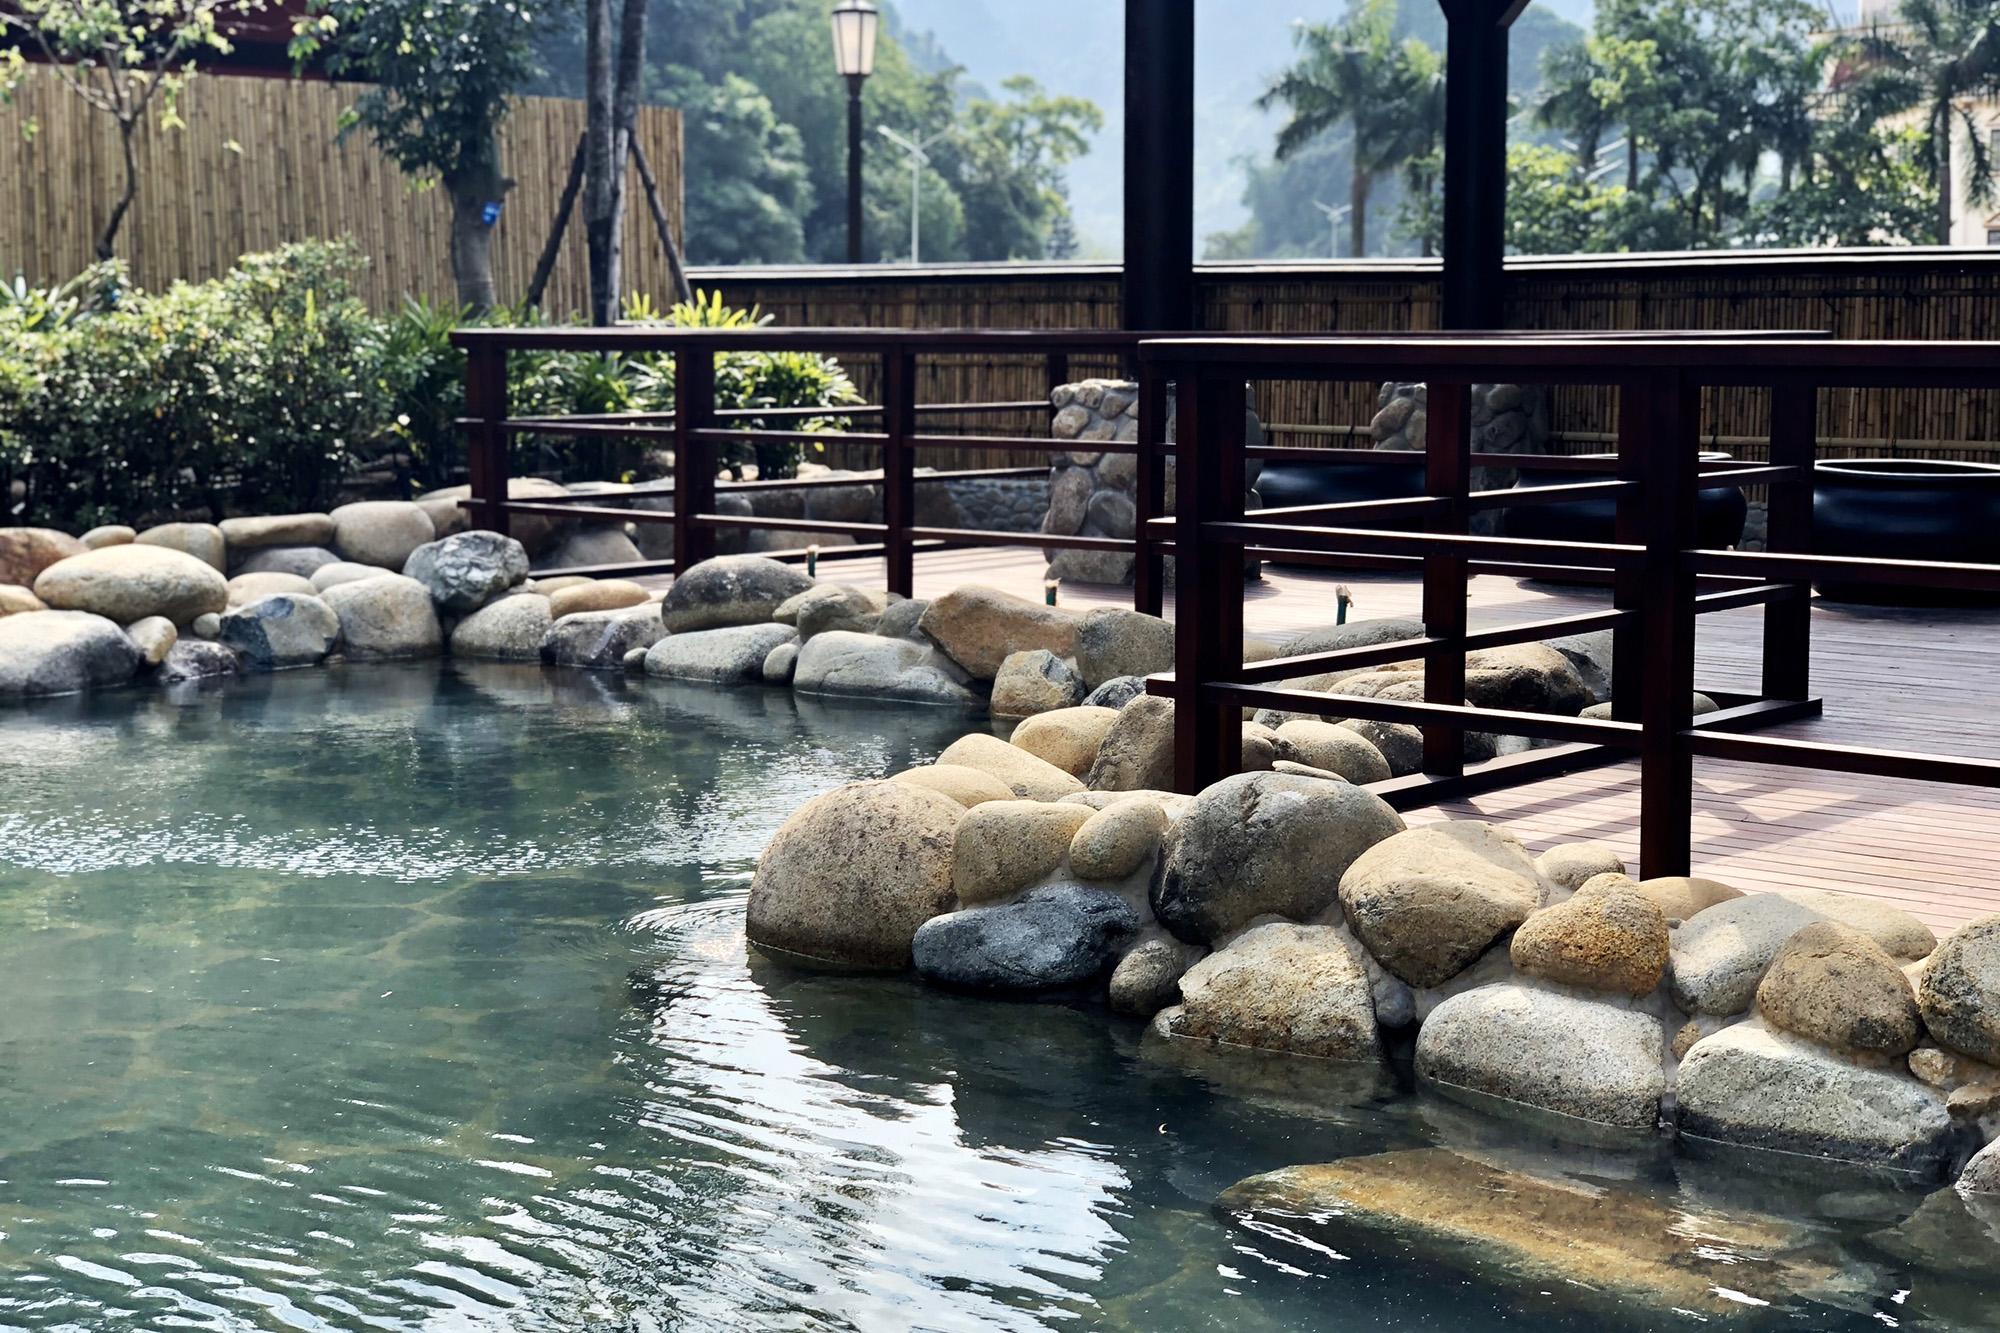 Dự án nghỉ dưỡng hơn 6.000 tỷ ở Thanh Hóa tìm nhà đầu tư - Ảnh 1.